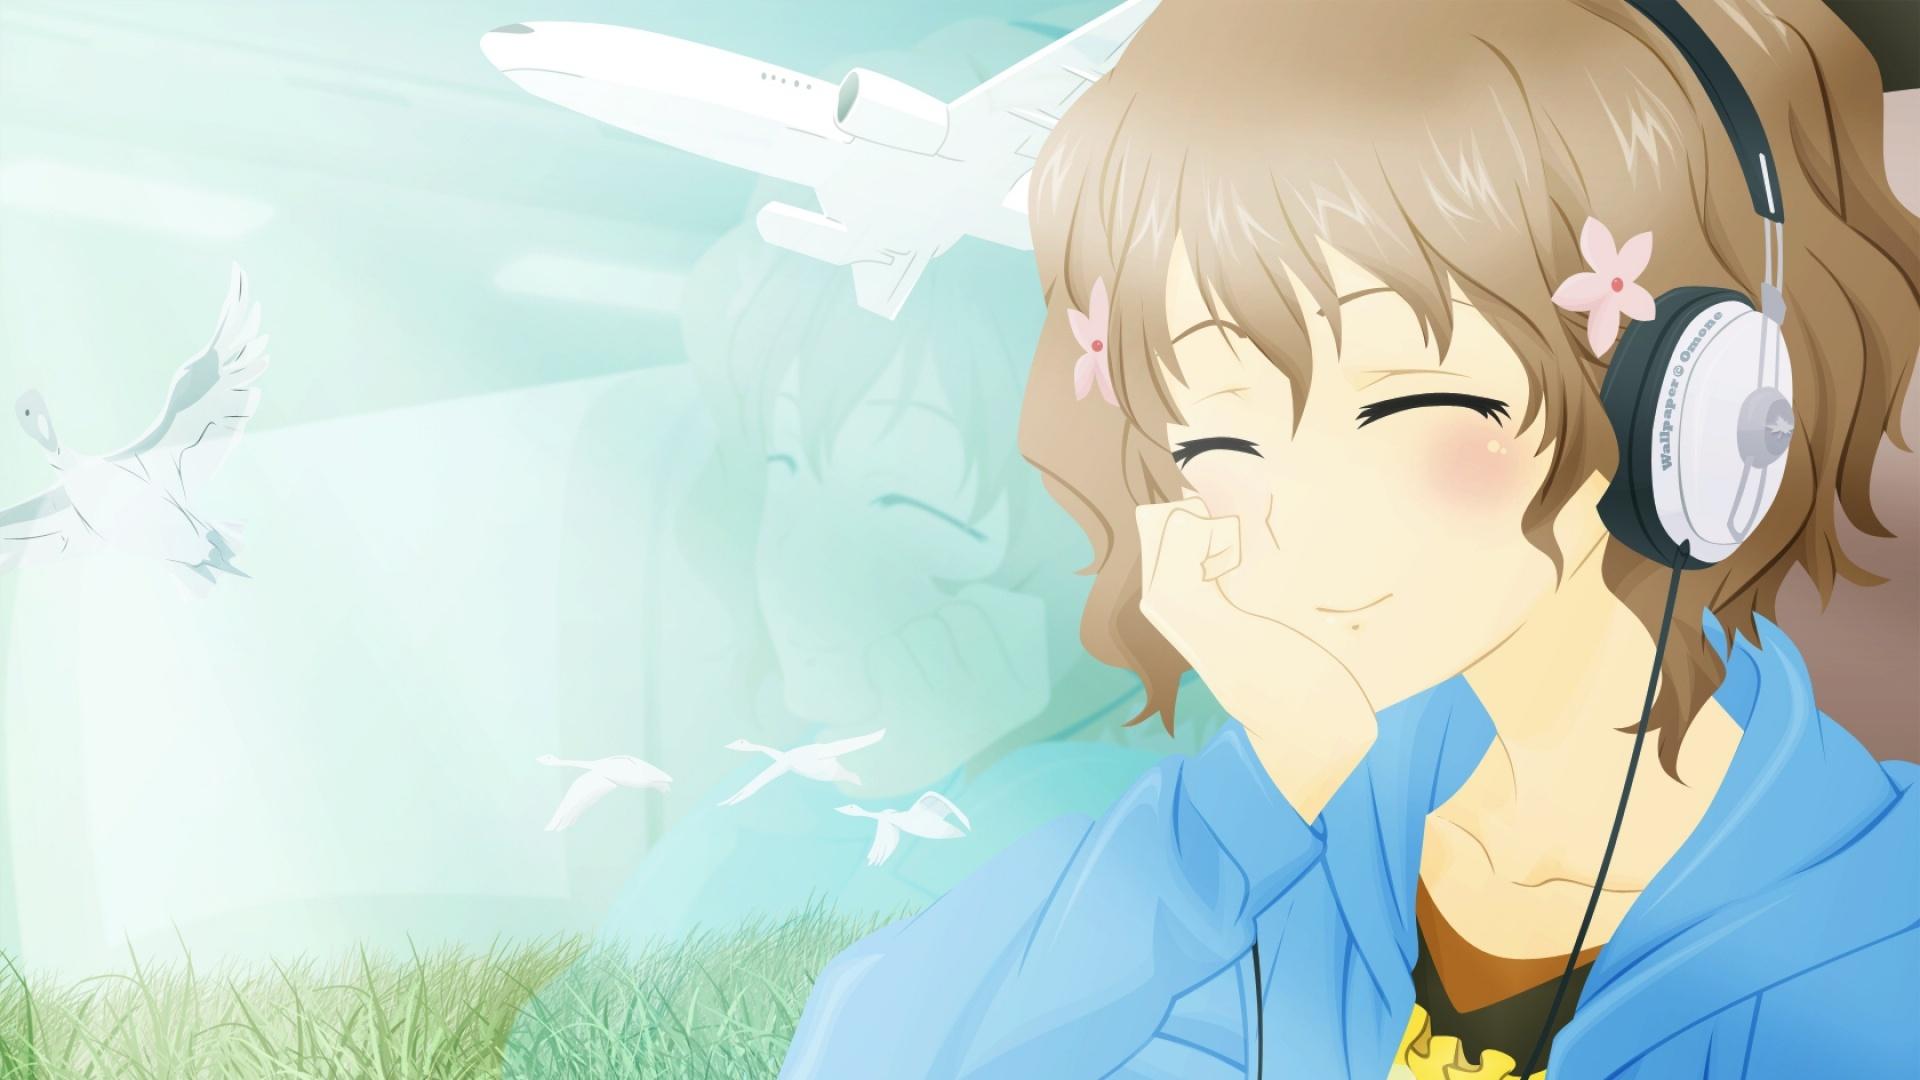 Anime Girl Smile desktop wallpaper